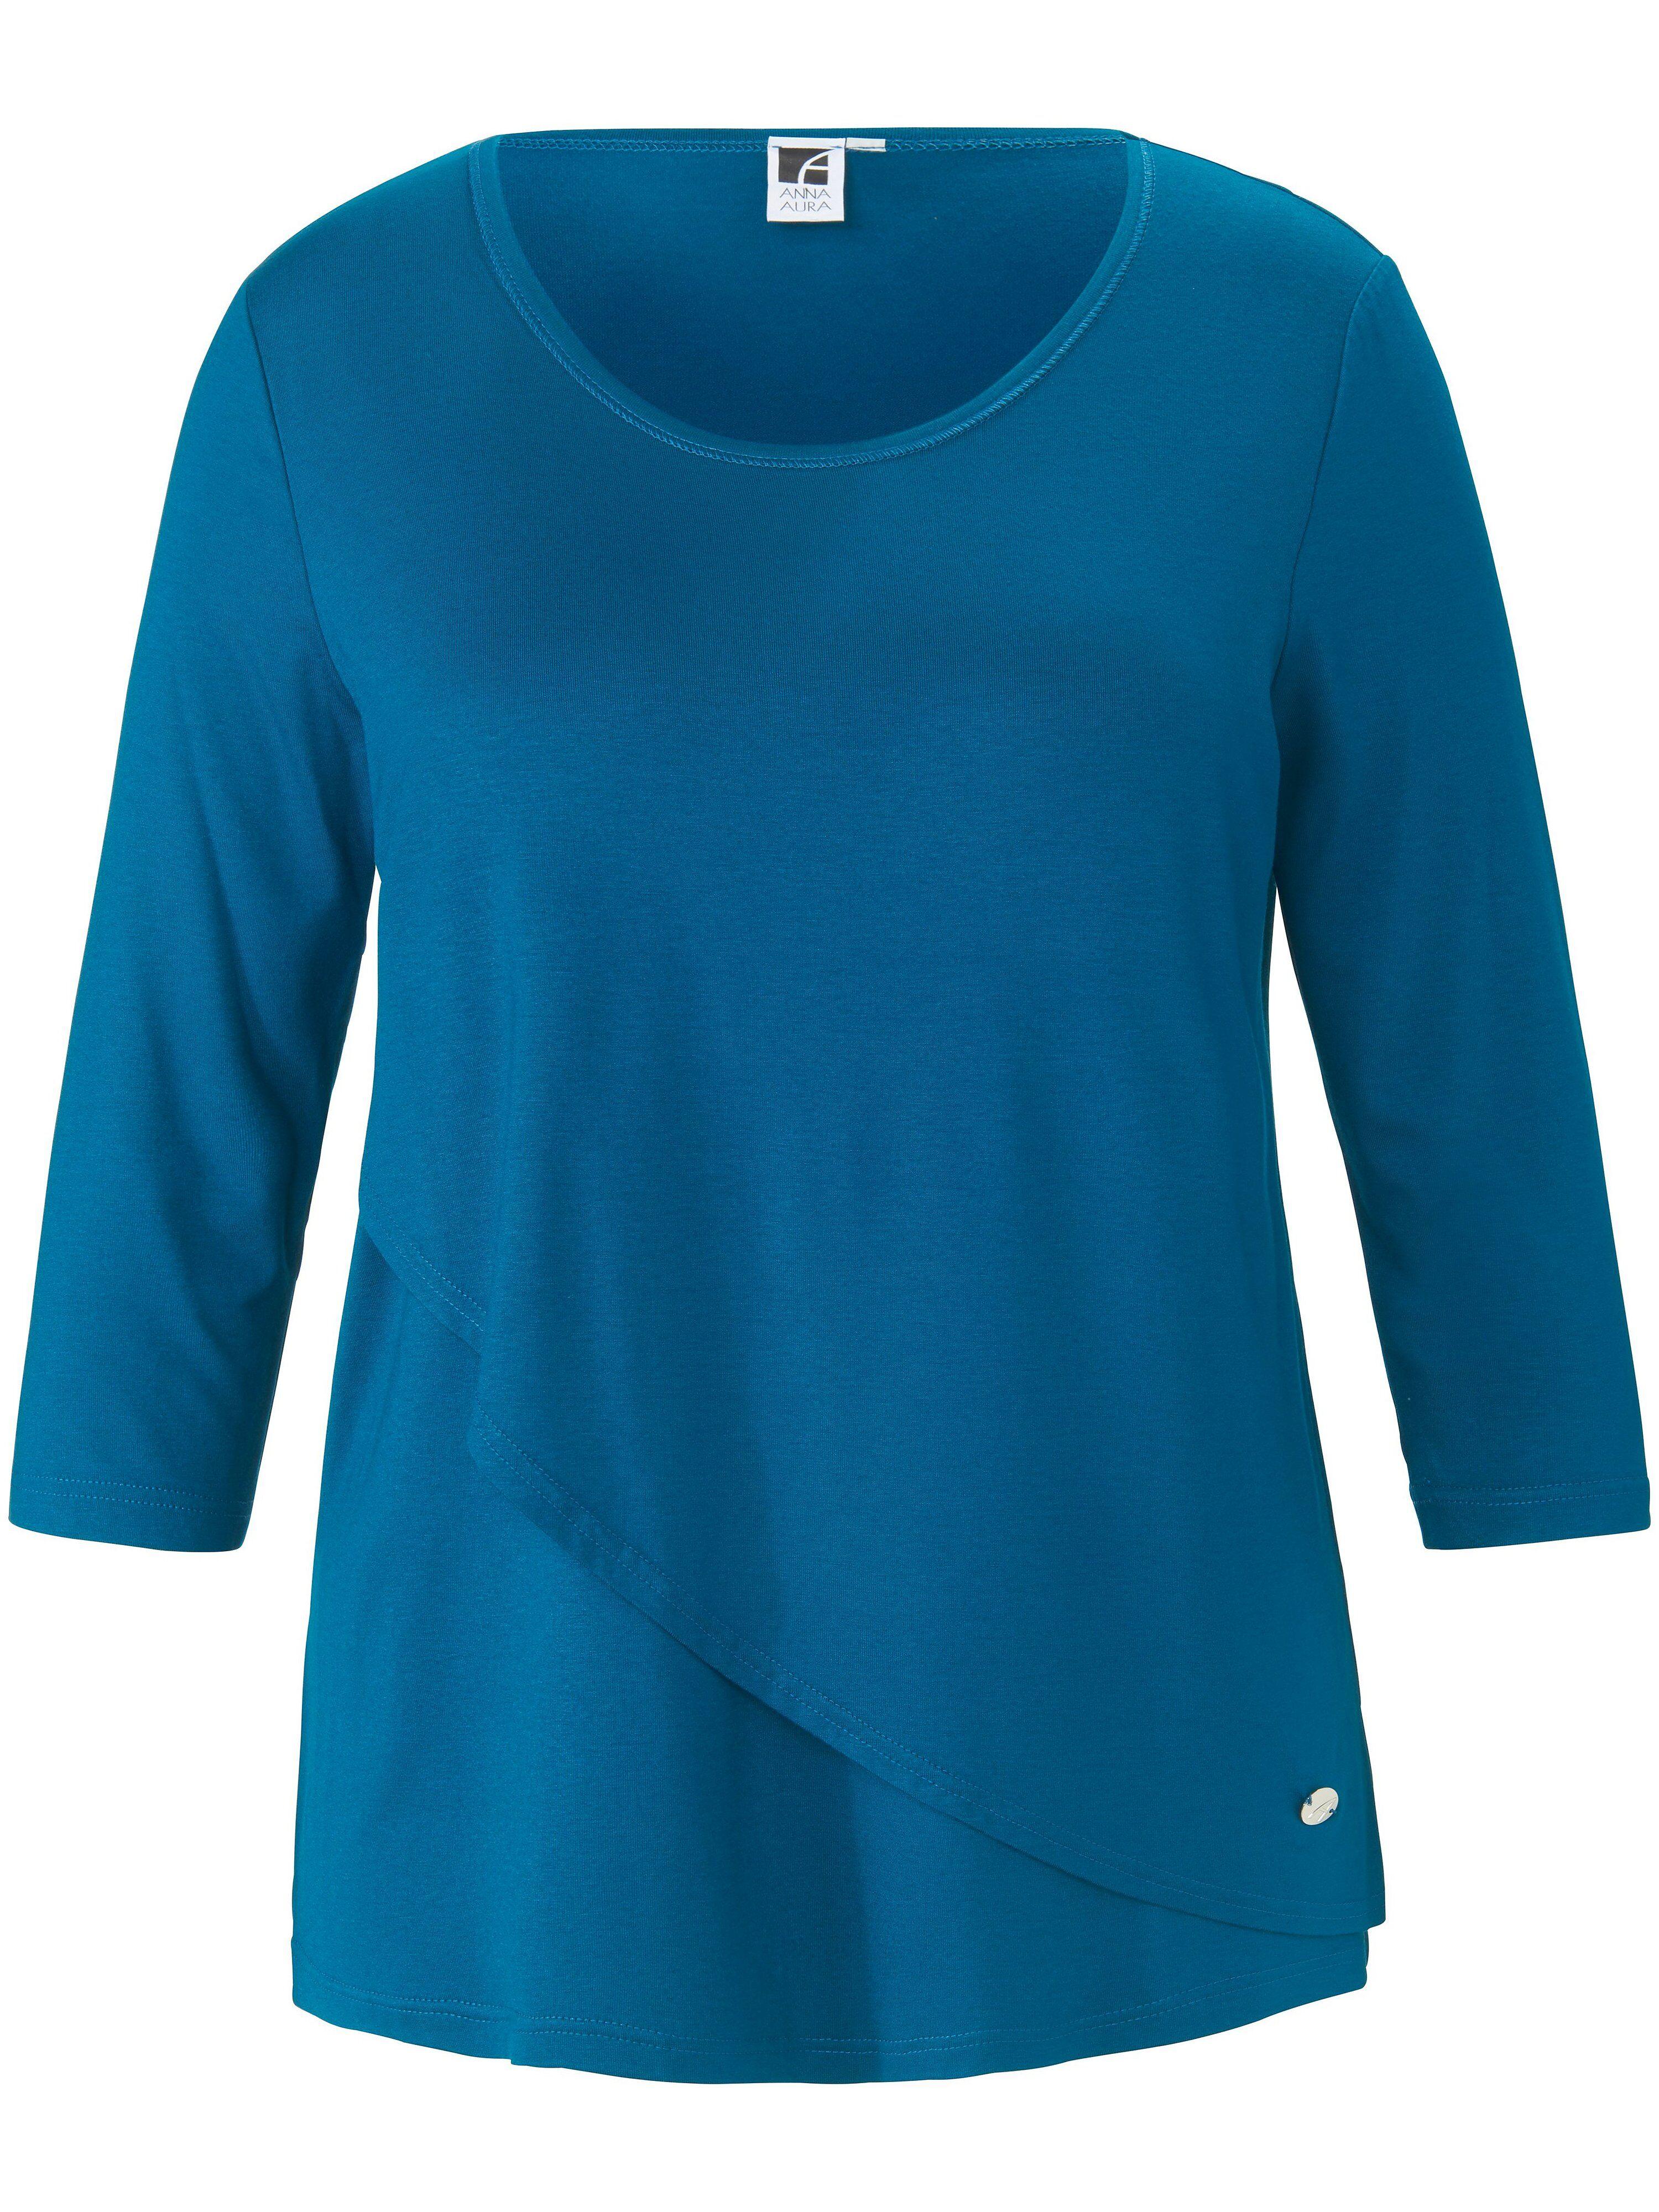 Anna Aura Le T-shirt manches 3/4  Anna Aura turquoise  - Femme - 42